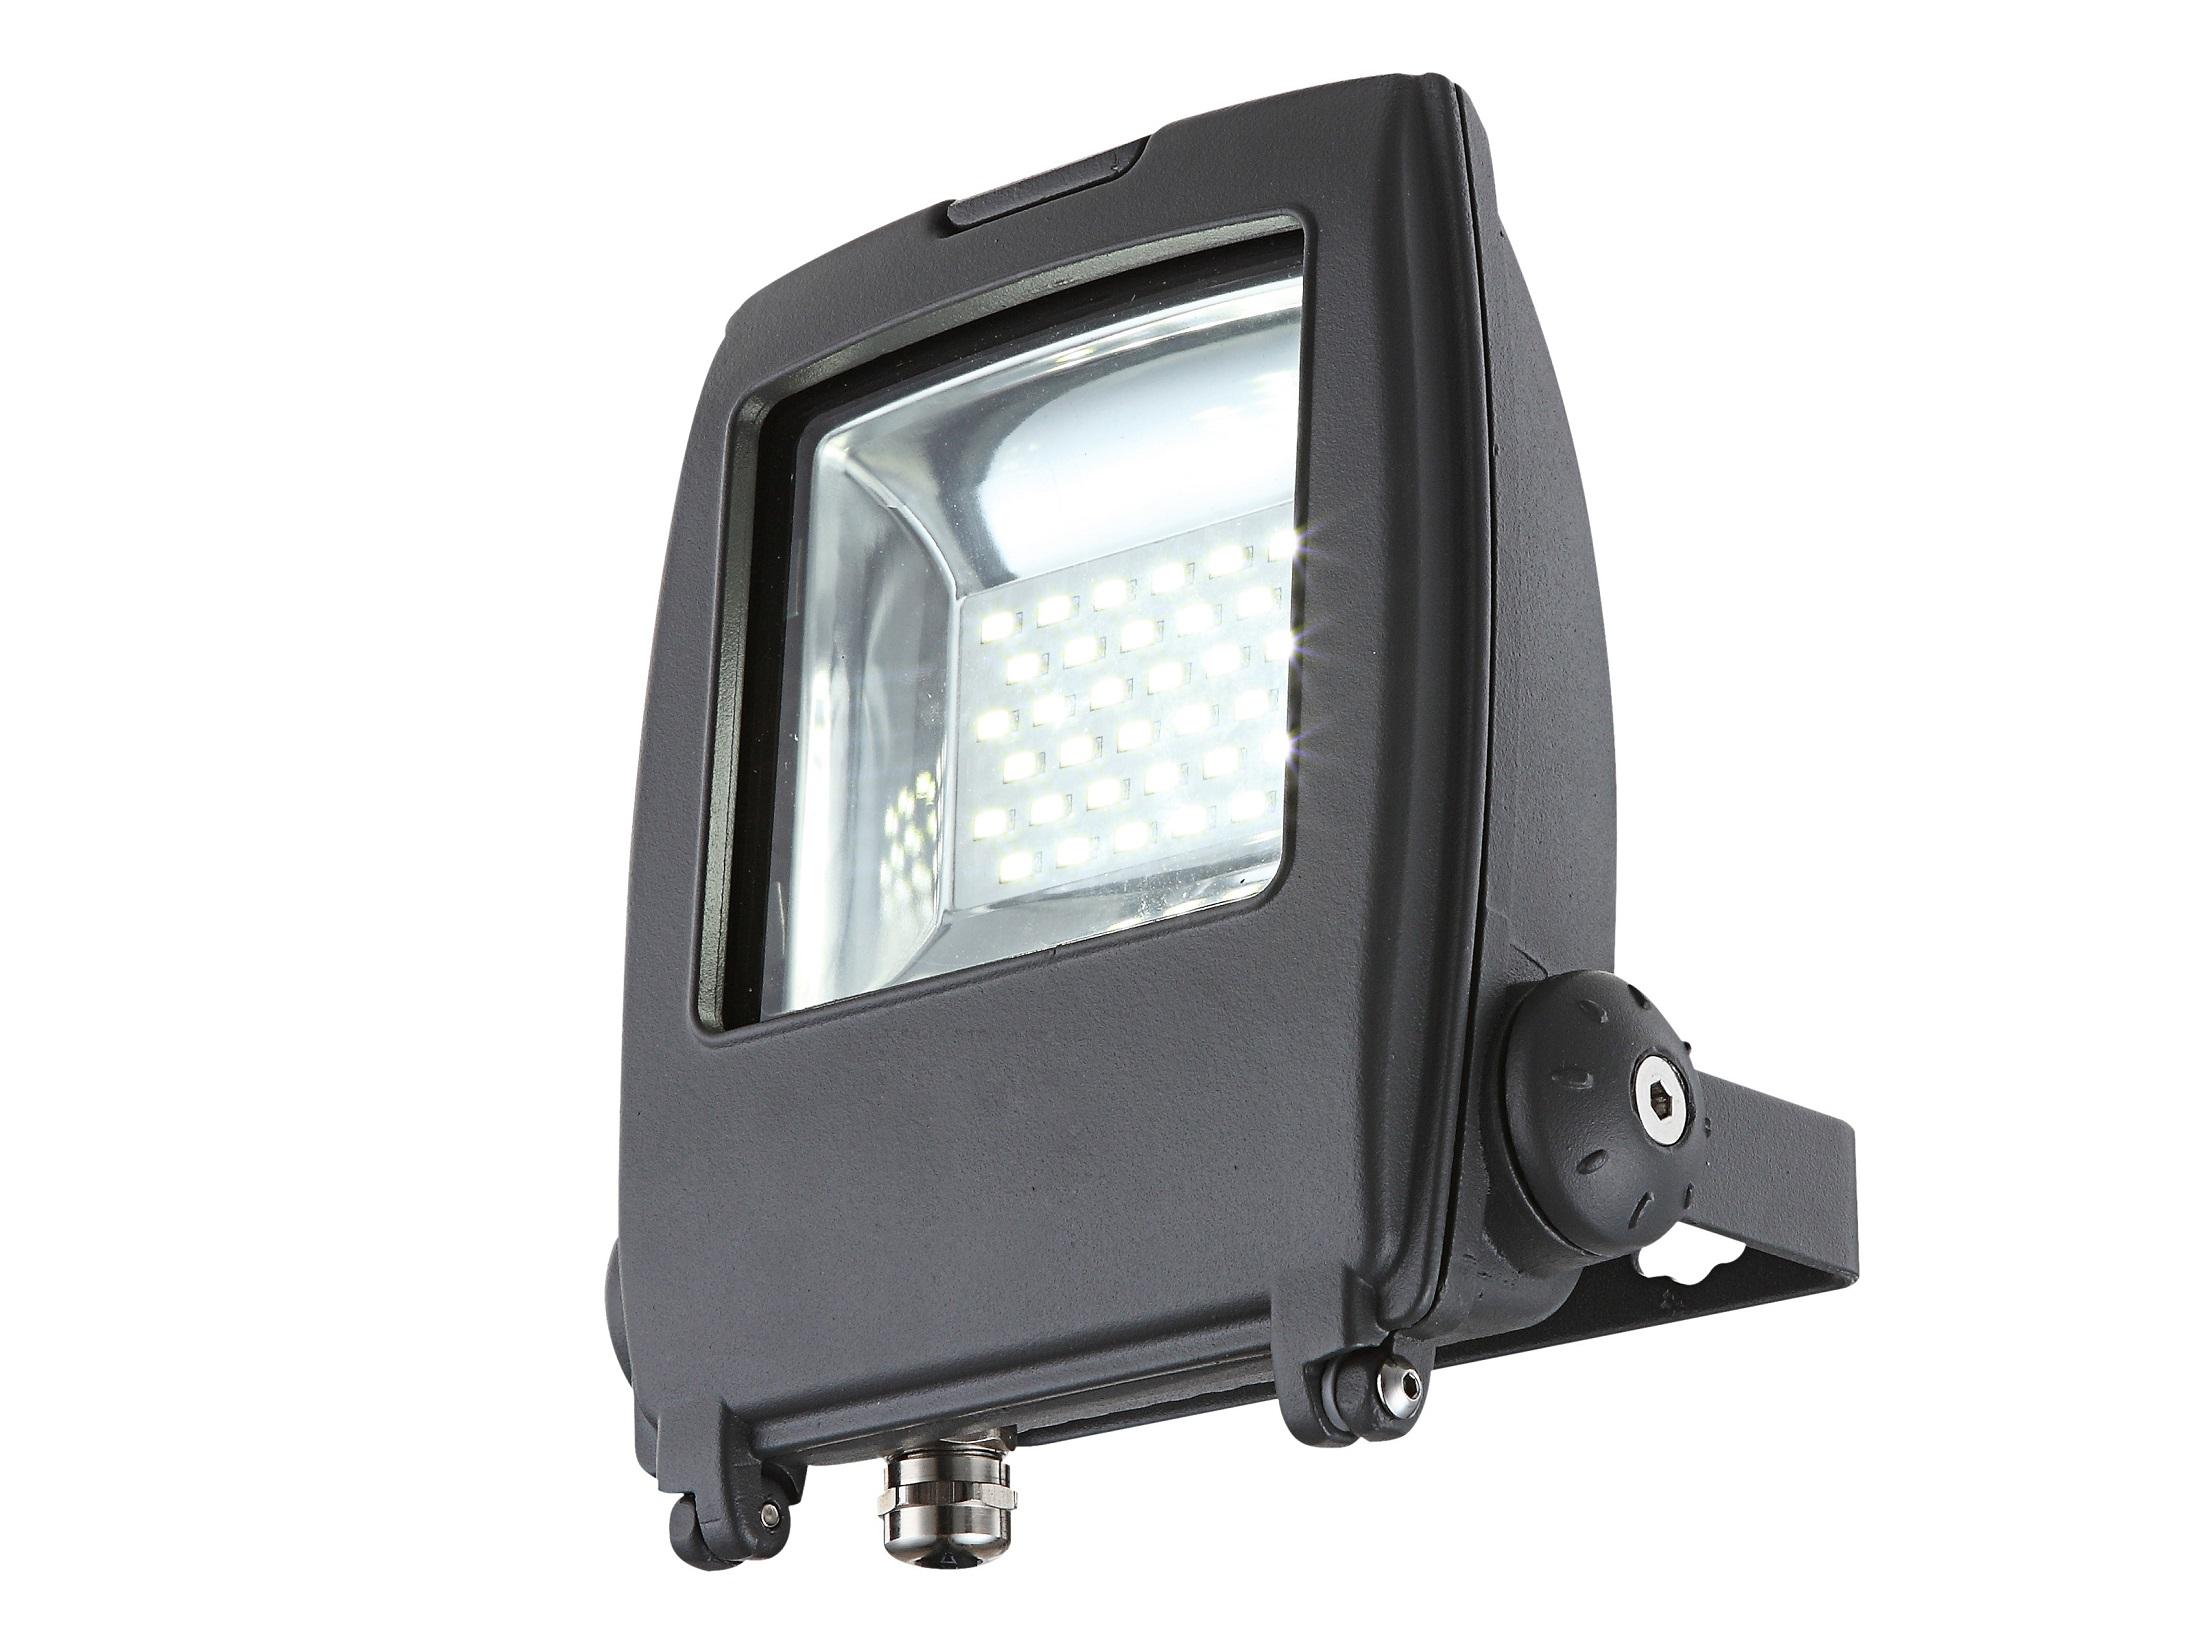 Светильник уличныйУличные настенные светильники<br>&amp;lt;div&amp;gt;&amp;lt;div&amp;gt;Вид цоколя: LED&amp;lt;/div&amp;gt;&amp;lt;div&amp;gt;Мощность: &amp;amp;nbsp;20W&amp;amp;nbsp;&amp;lt;/div&amp;gt;&amp;lt;div&amp;gt;Количество ламп: 1 (в комплекте)&amp;lt;/div&amp;gt;&amp;lt;/div&amp;gt;<br><br>Material: Металл<br>Length см: None<br>Width см: 17<br>Depth см: 10<br>Height см: 18,5<br>Diameter см: None